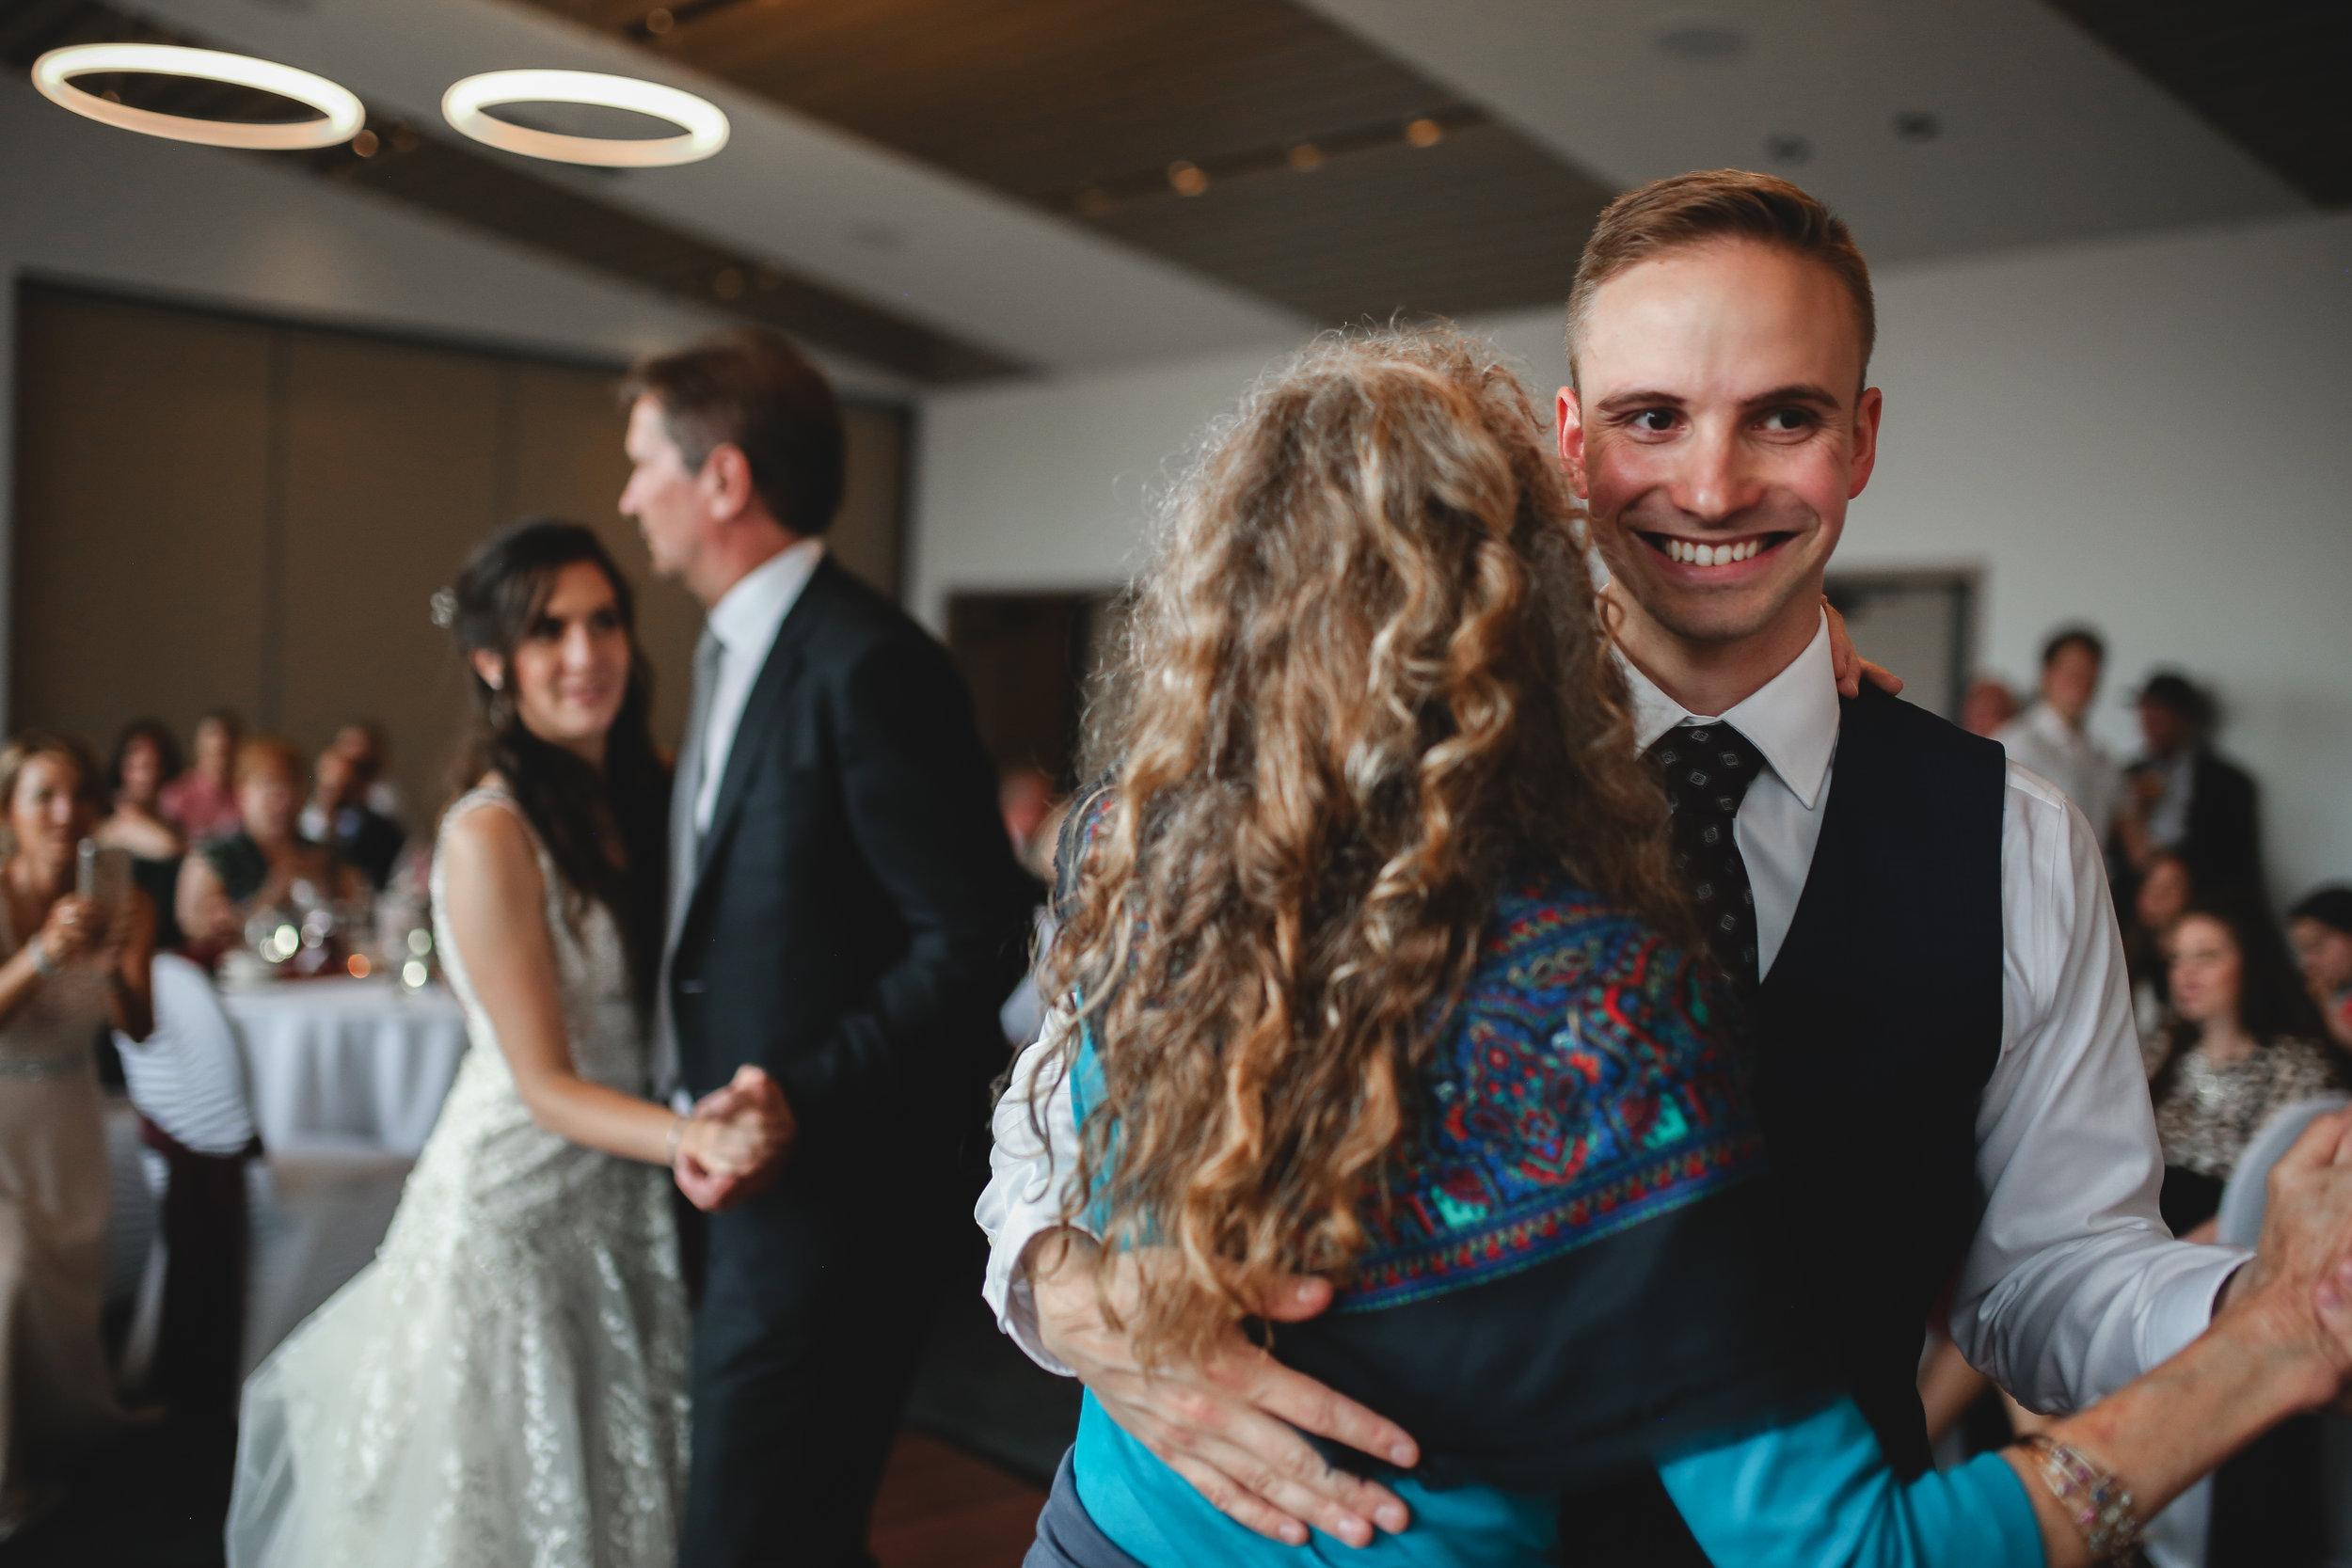 15 Adam Ziorio Photography - Allison & Austin's Wedding.jpg